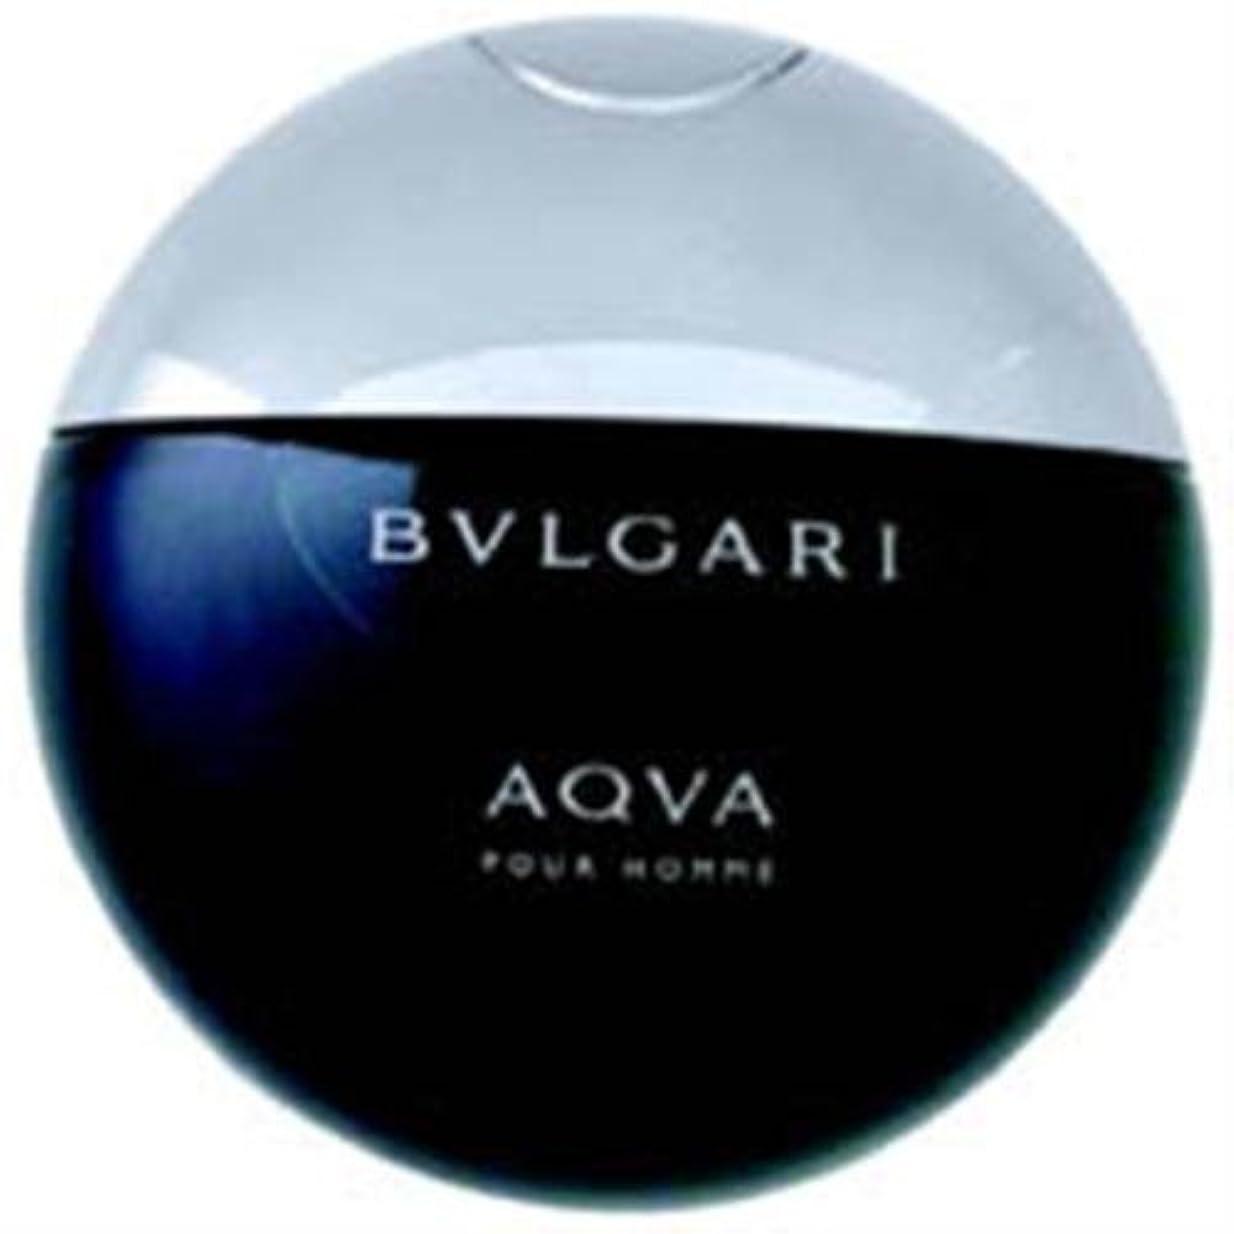 均等にピンポイント上にブルガリ(BVLGARI) アクア プールオム EDT SP 100ml[並行輸入品]